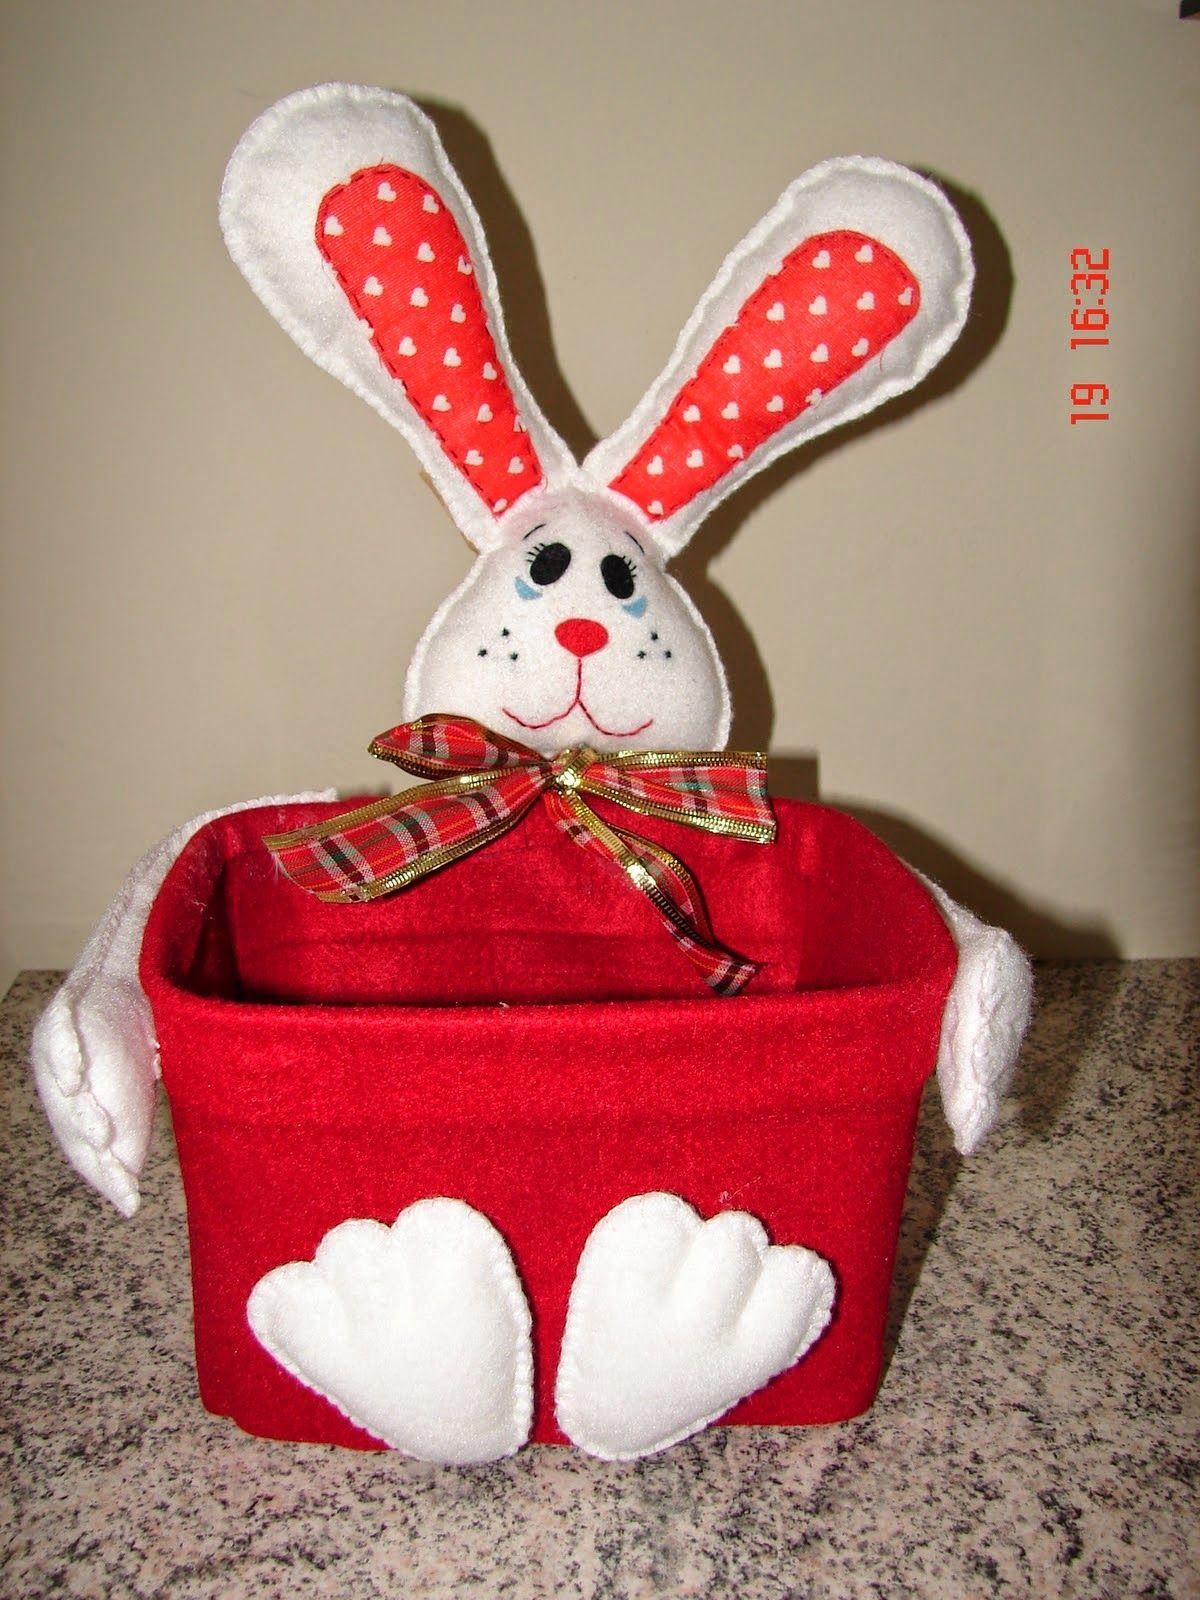 Bunny basket part 1 (2 parts)